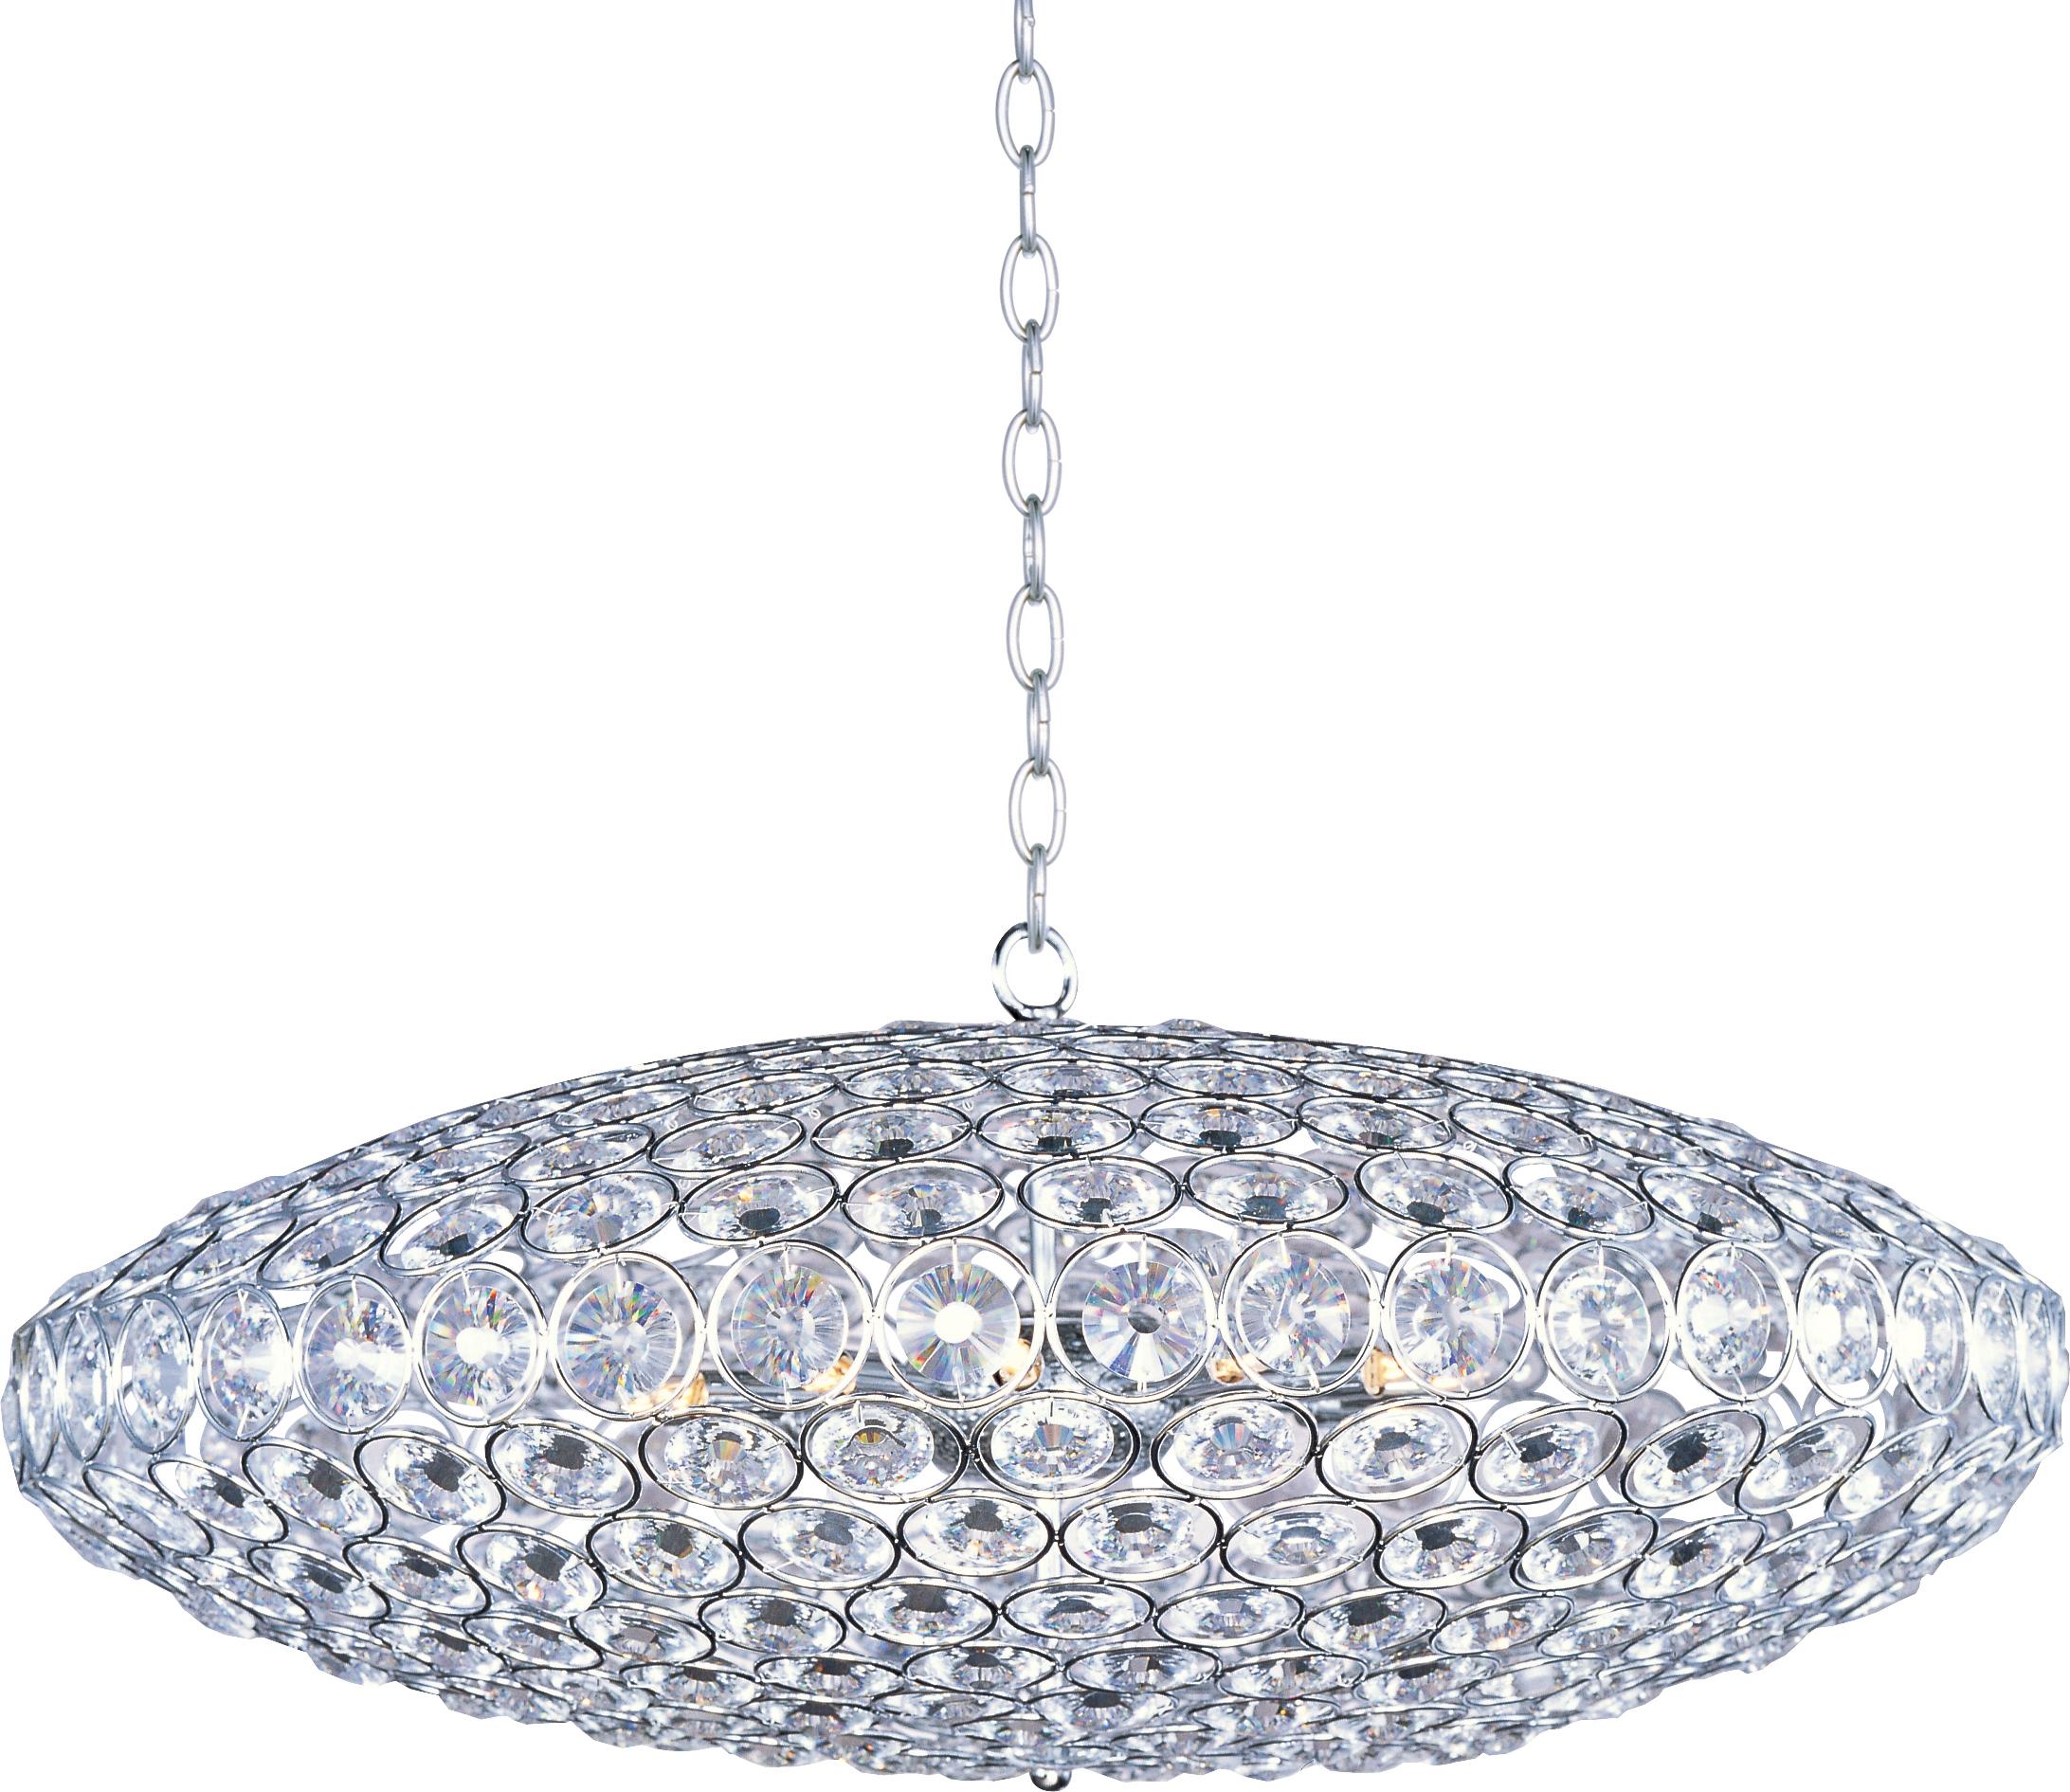 Brilliant Brilliant 12-Light Pendant ...  sc 1 st  Et2 & Brilliant 12-Light Pendant - Single Pendant - Maxim Lighting